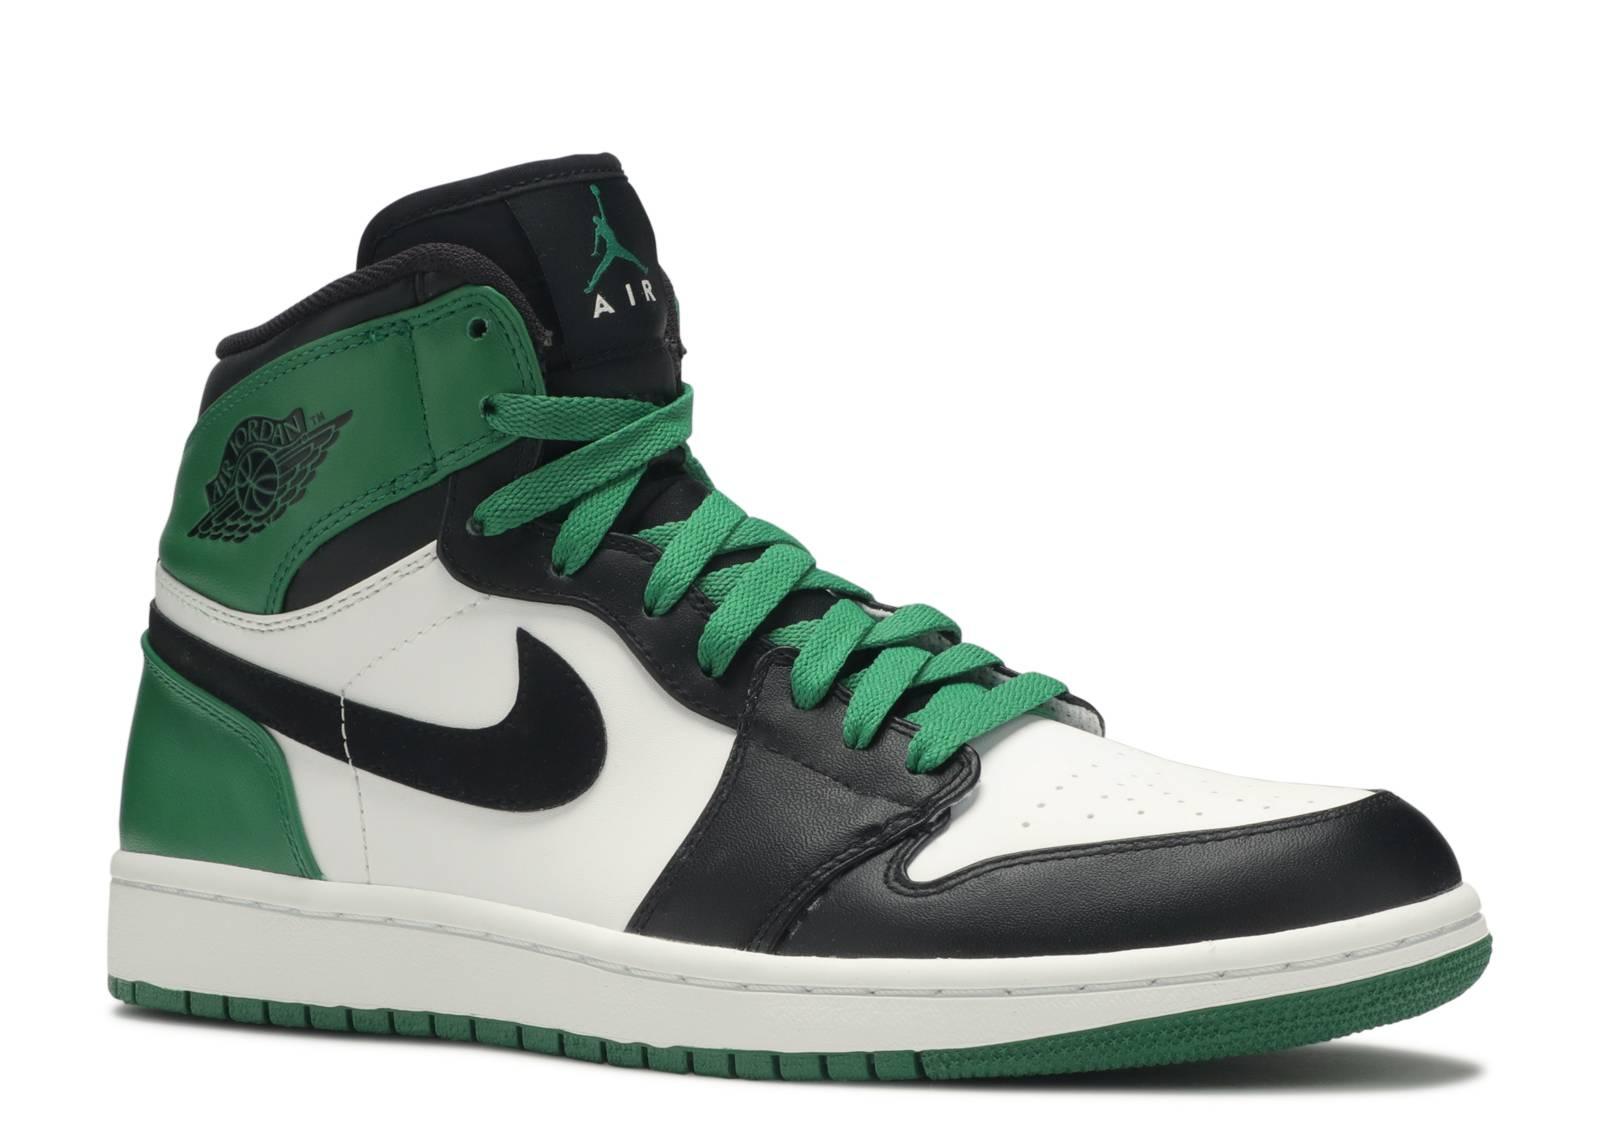 Jordan Shoe Black And Green